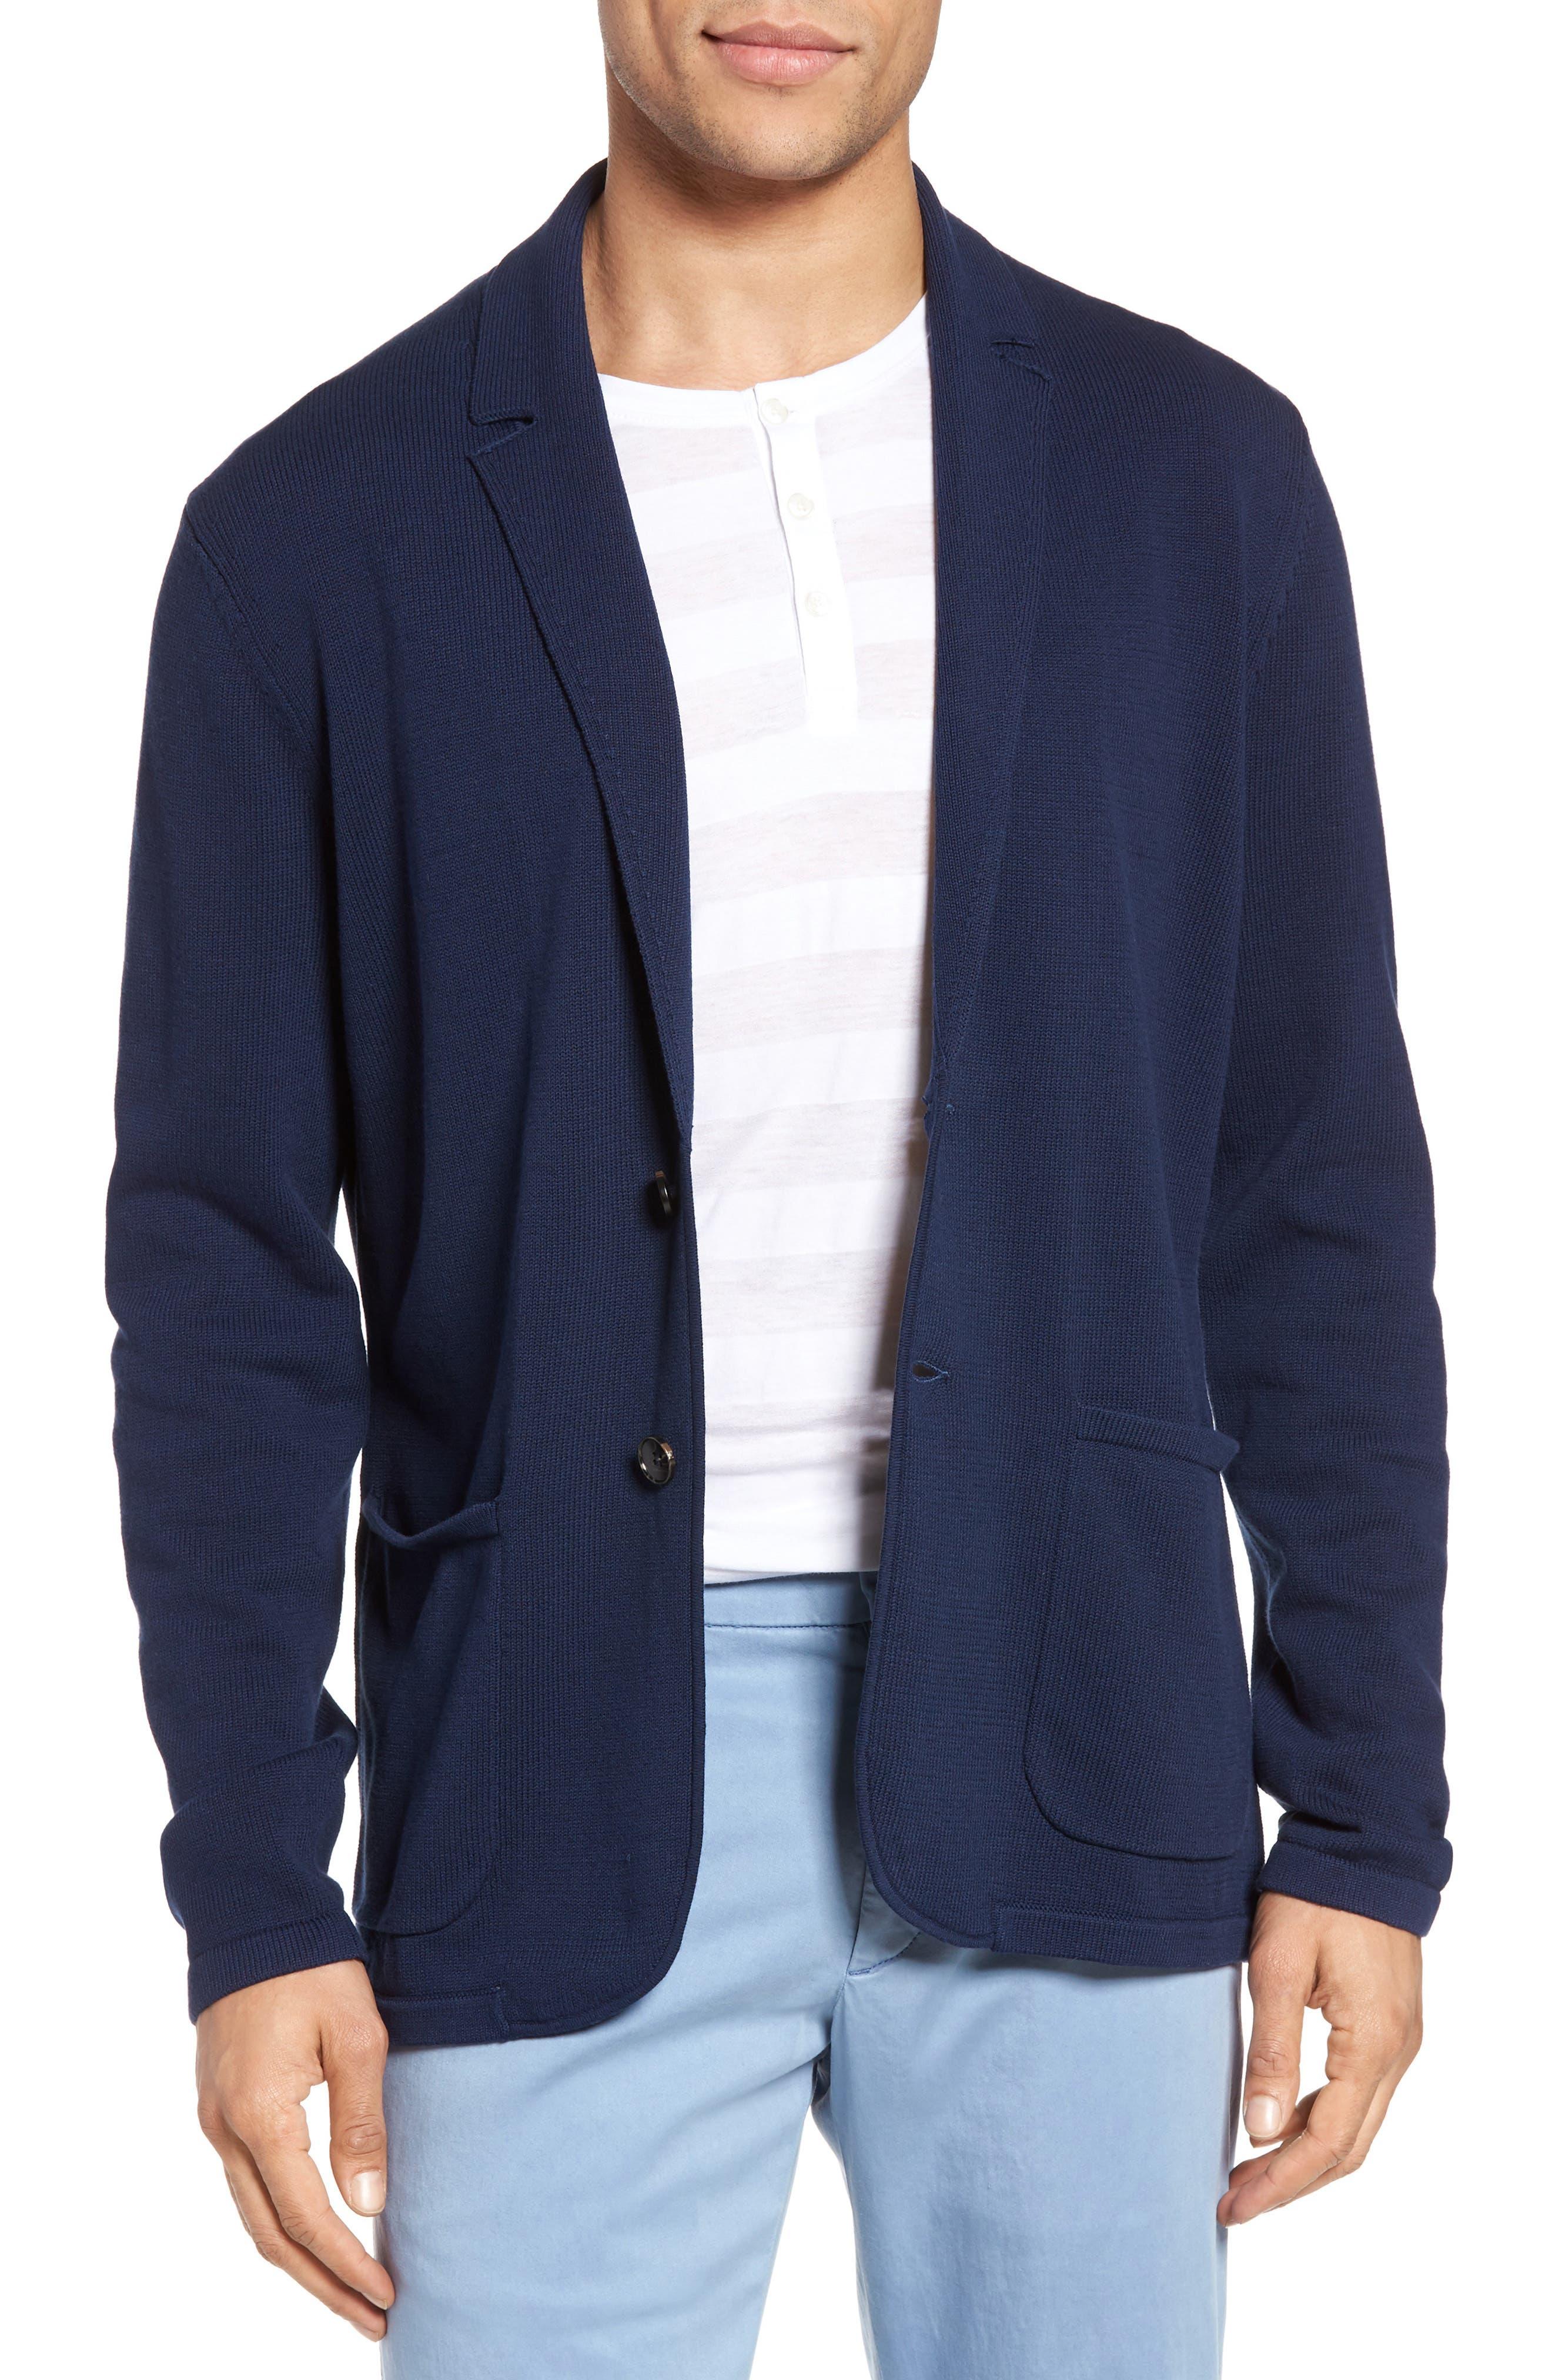 Alipinia Notch Collar Cardigan,                         Main,                         color, Navy